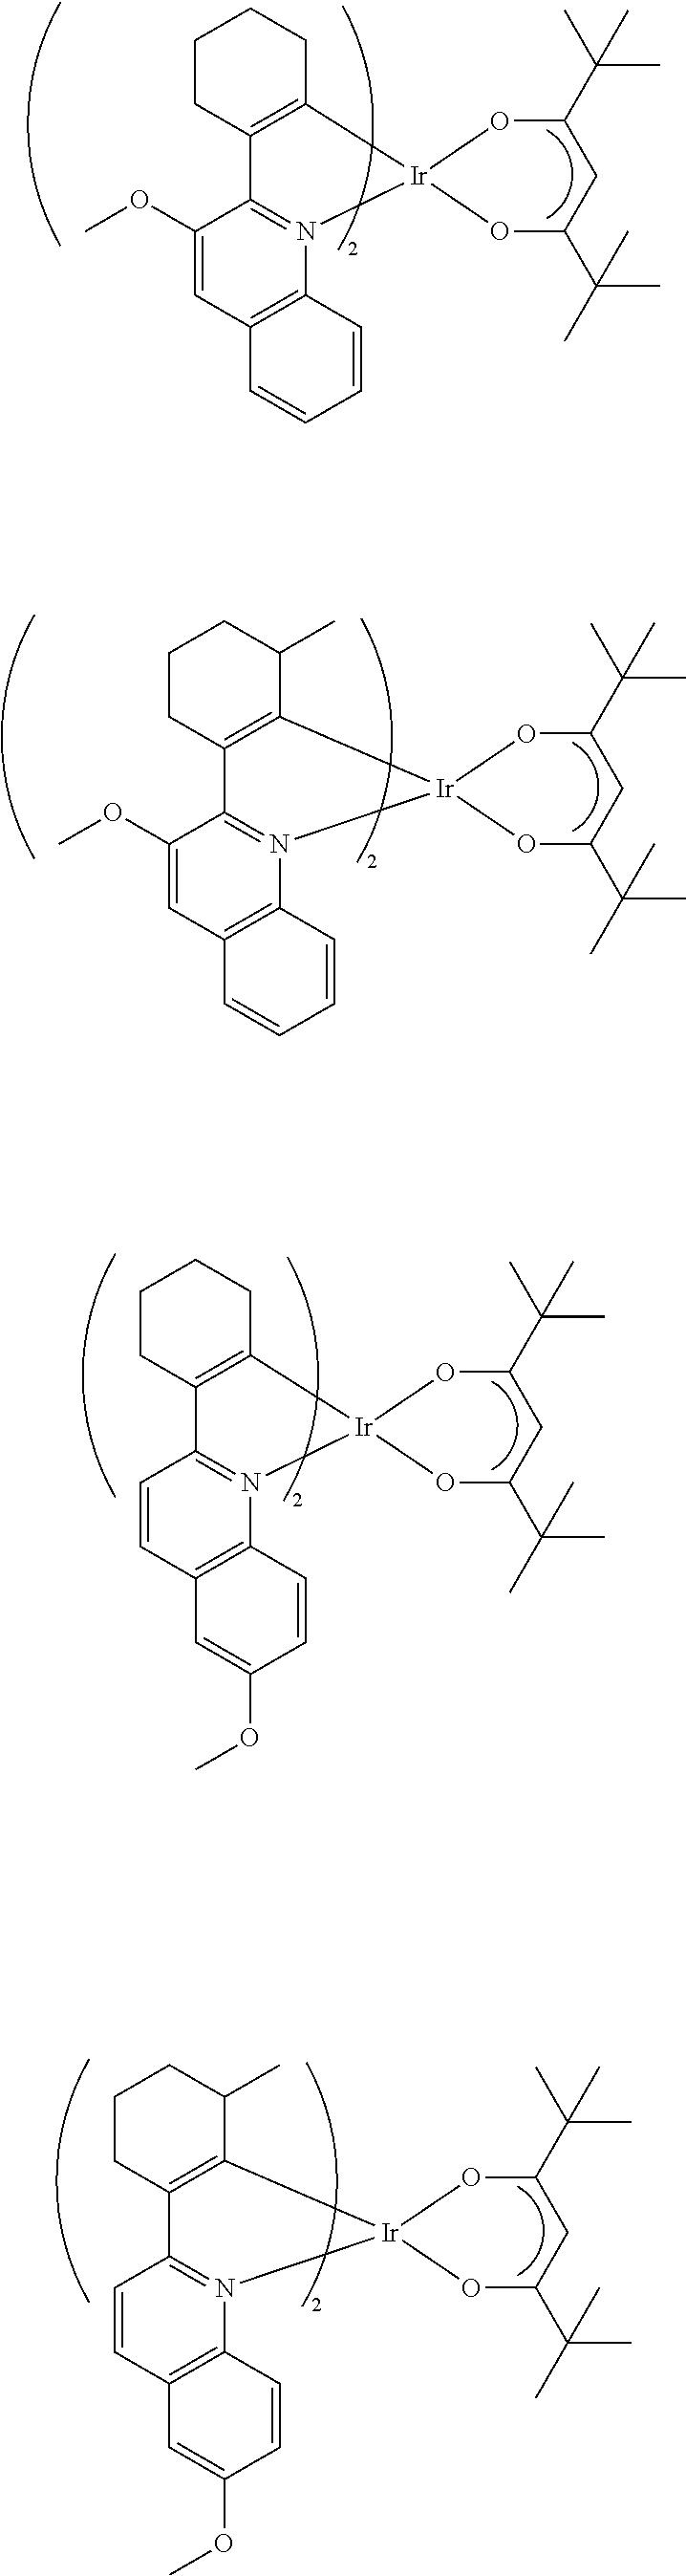 Figure US09324958-20160426-C00073